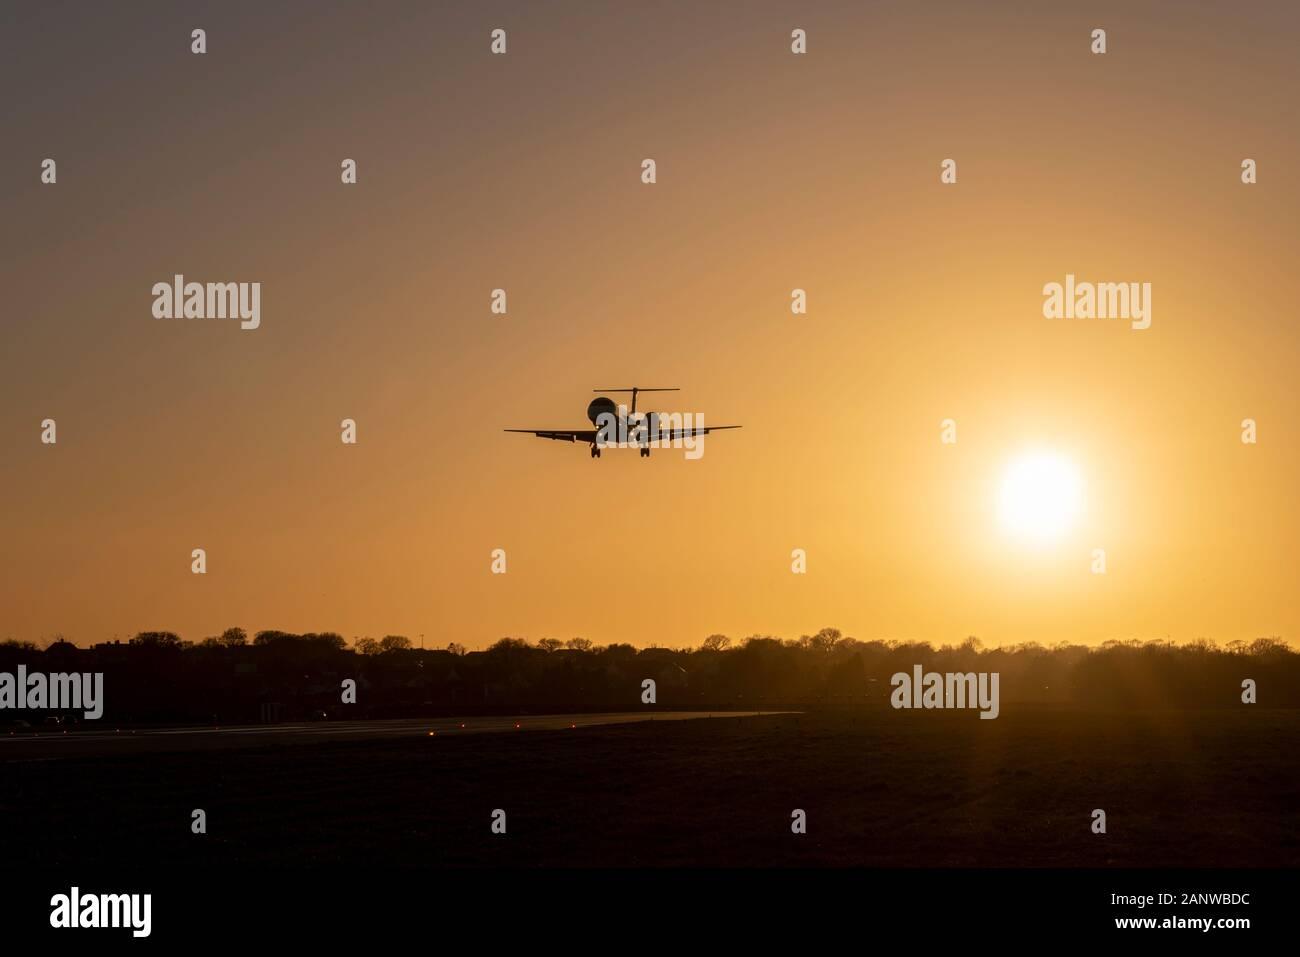 loganair-embraer-erj-145-jet-plane-g-sajg-landing-at-london-southend-airport-essex-uk-late-afternoon-in-winter-sunset-dusk-warm-orange-glow-2ANWBDC.jpg